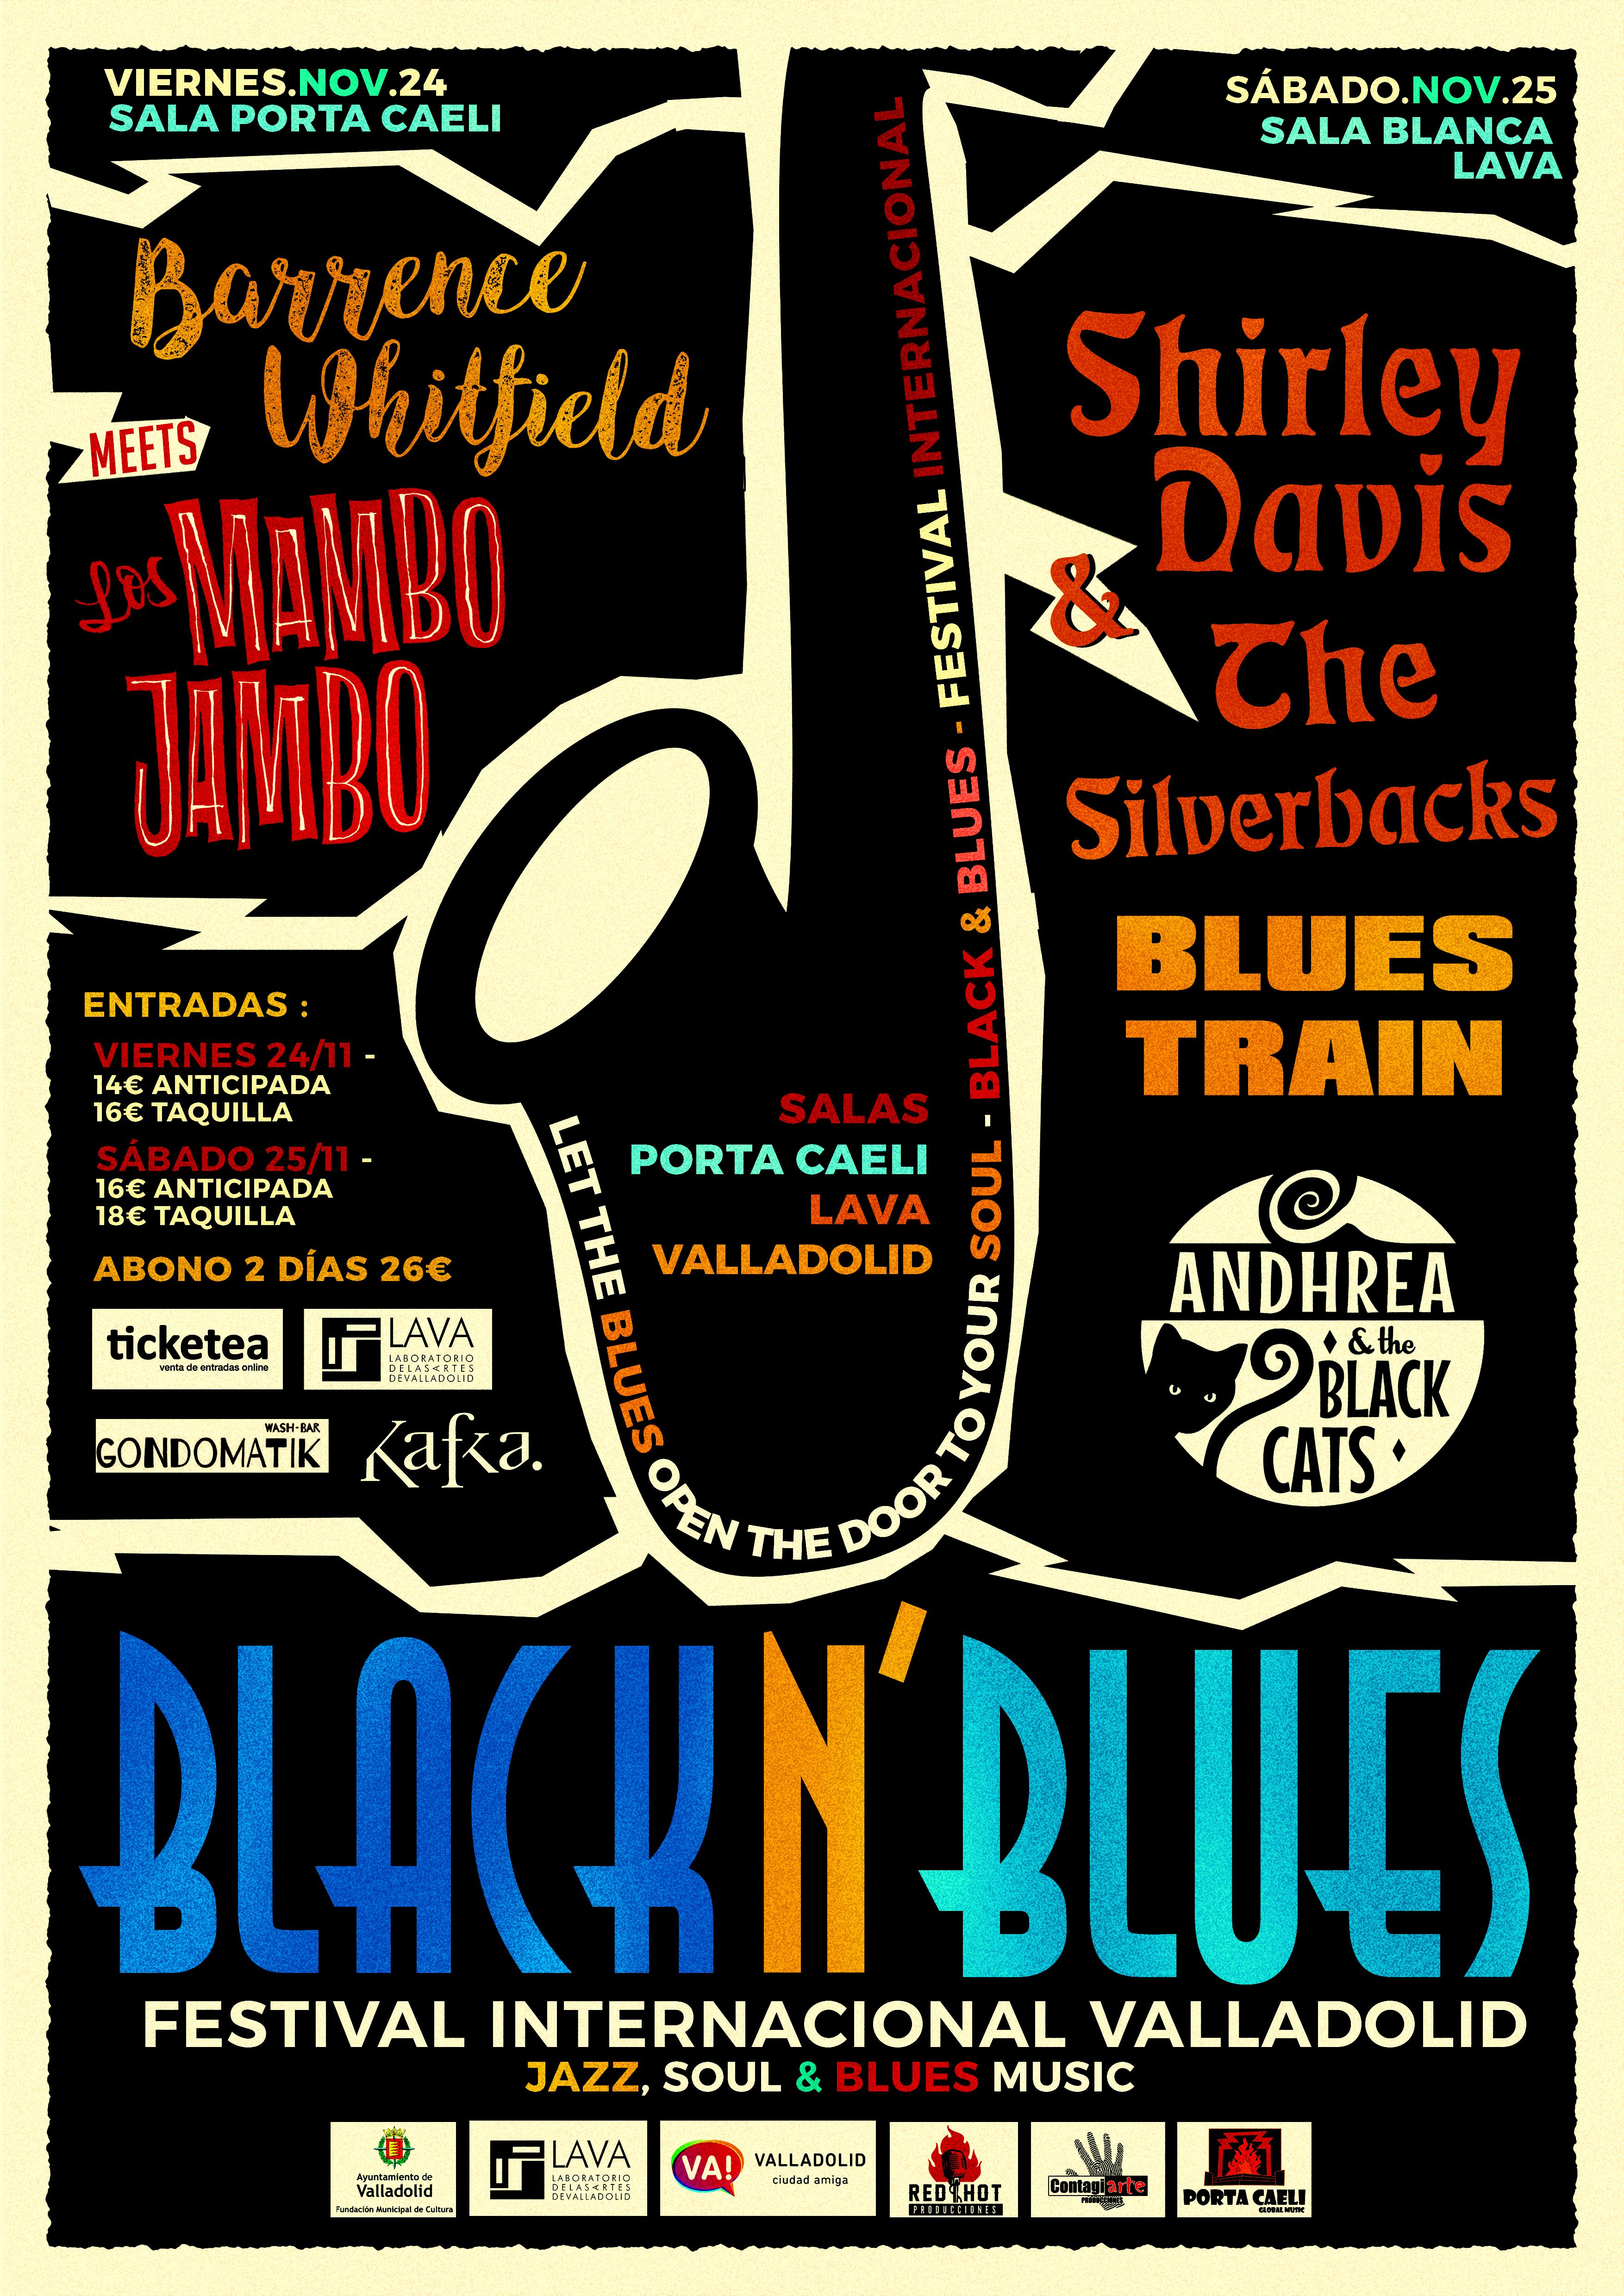 No hay imagen disponible de Black N`Blues Festival Internacional